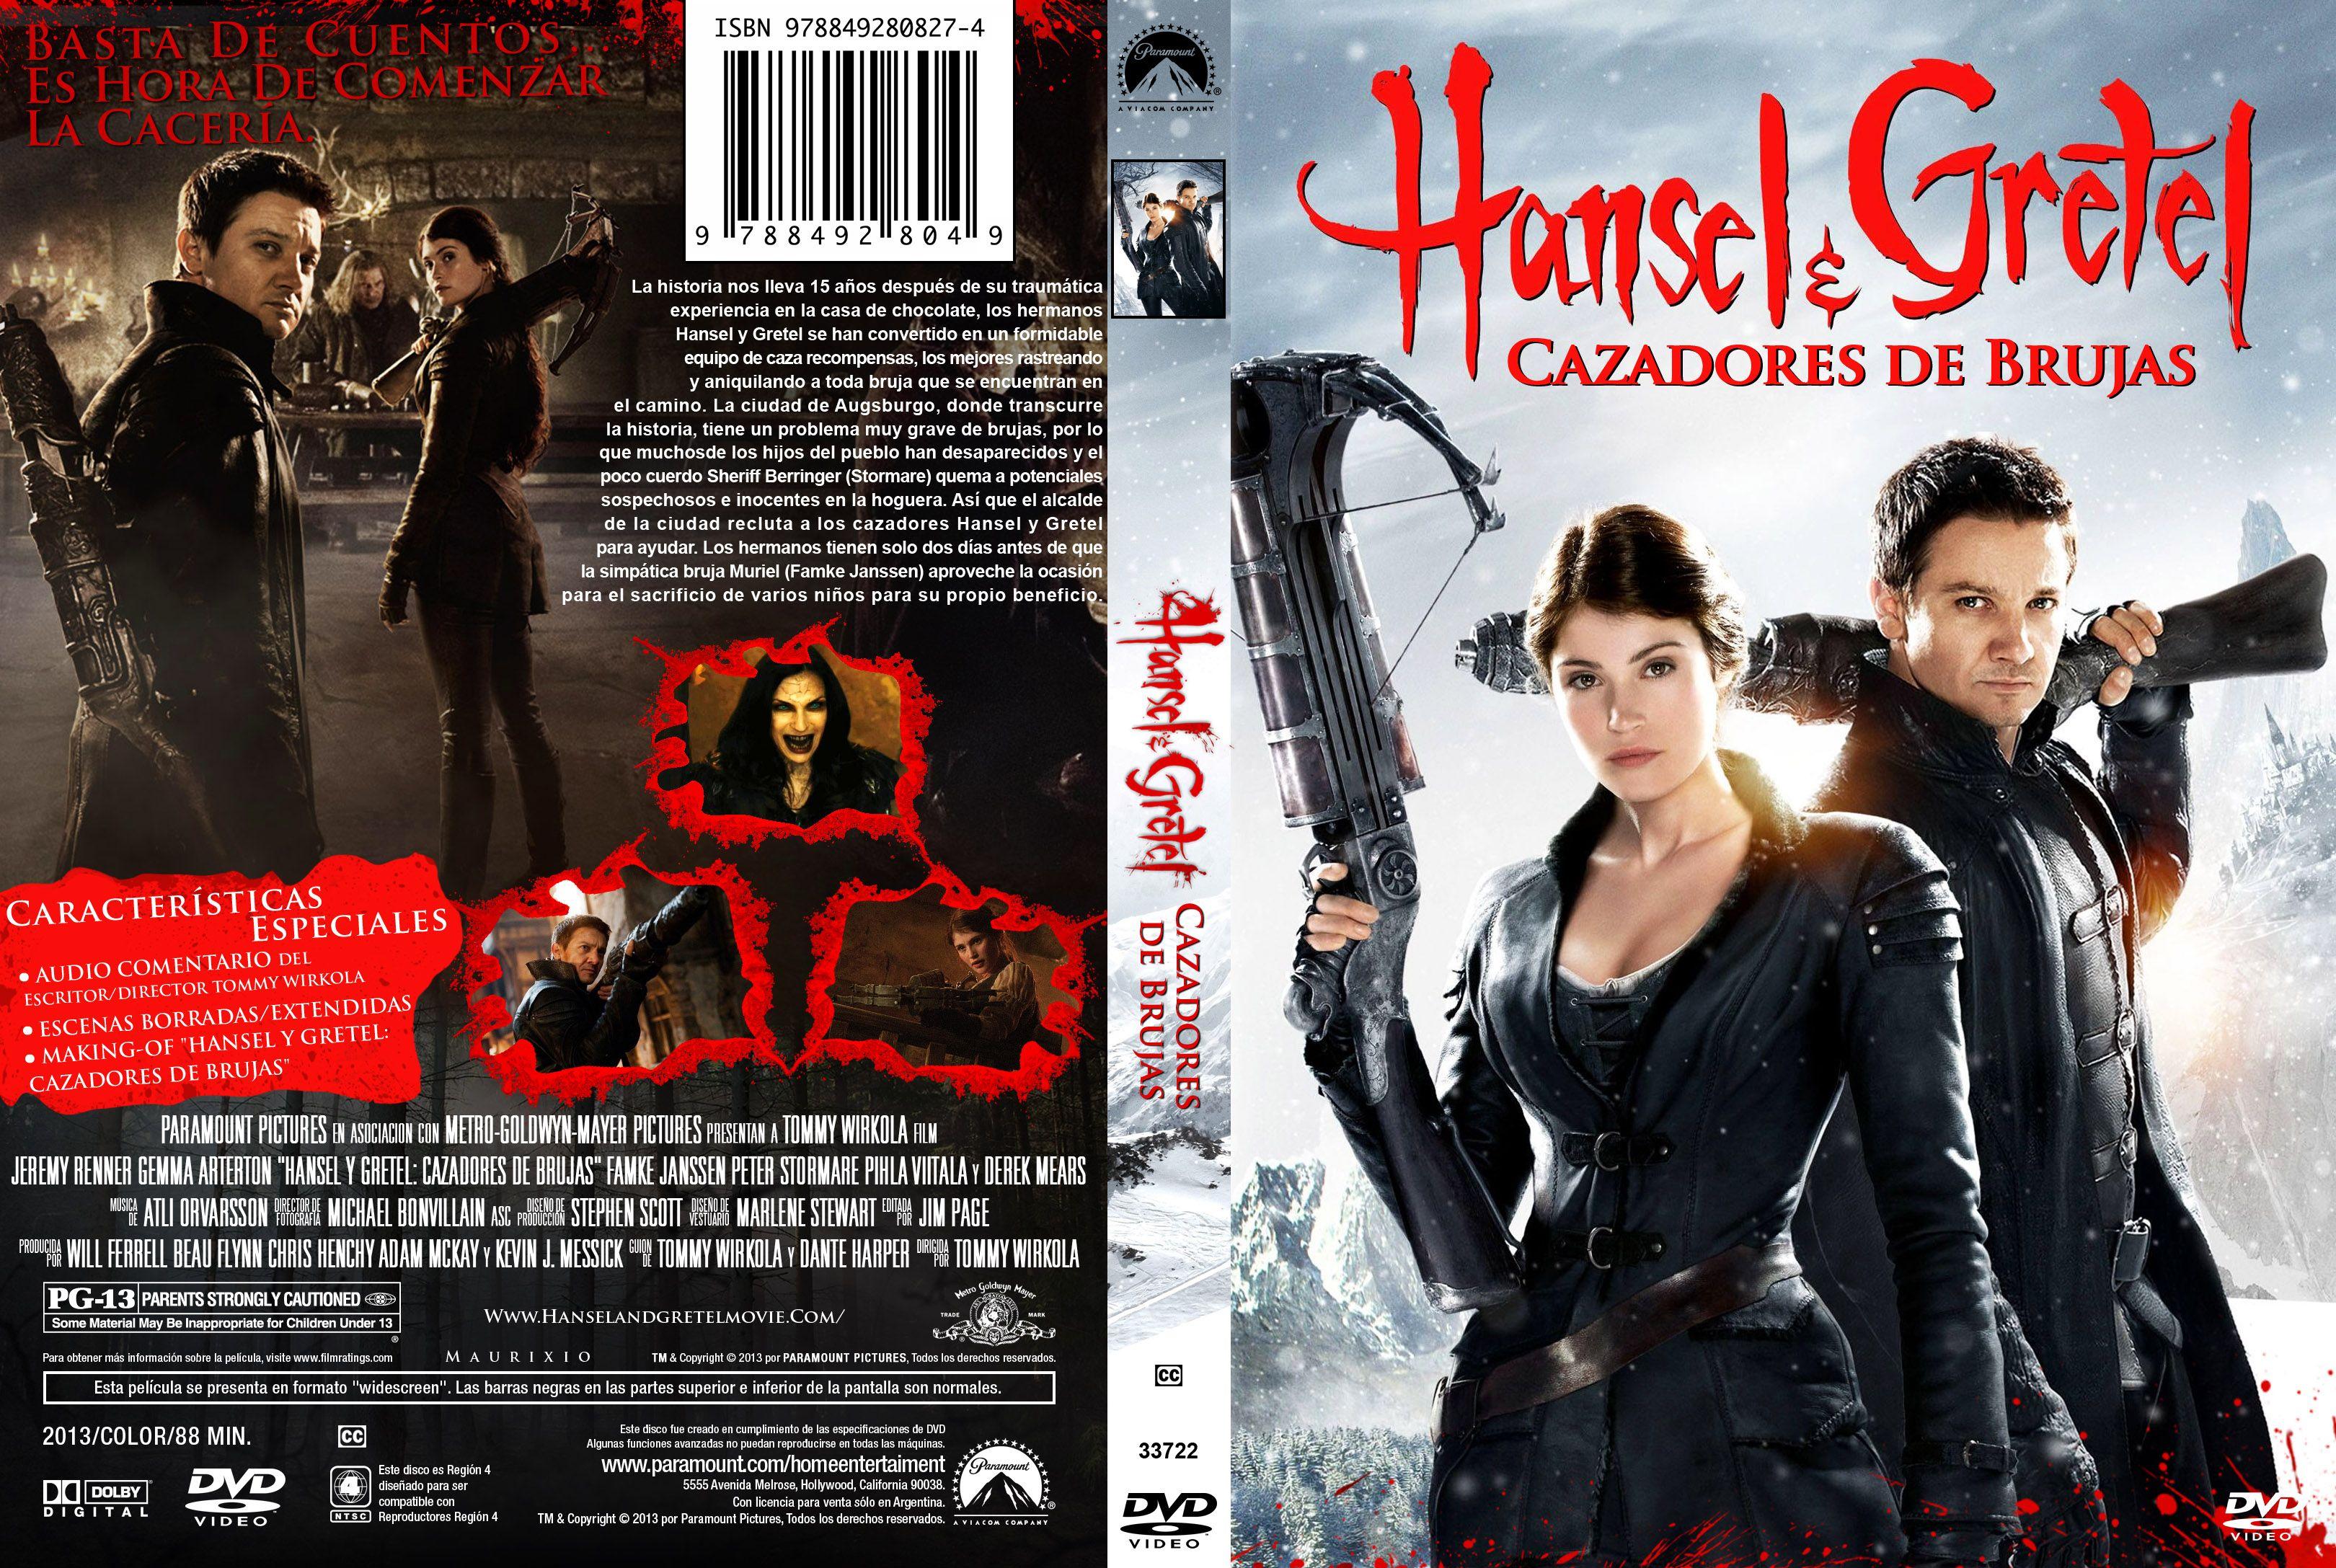 Gretel y hansel cazadores de brujas online dating 3